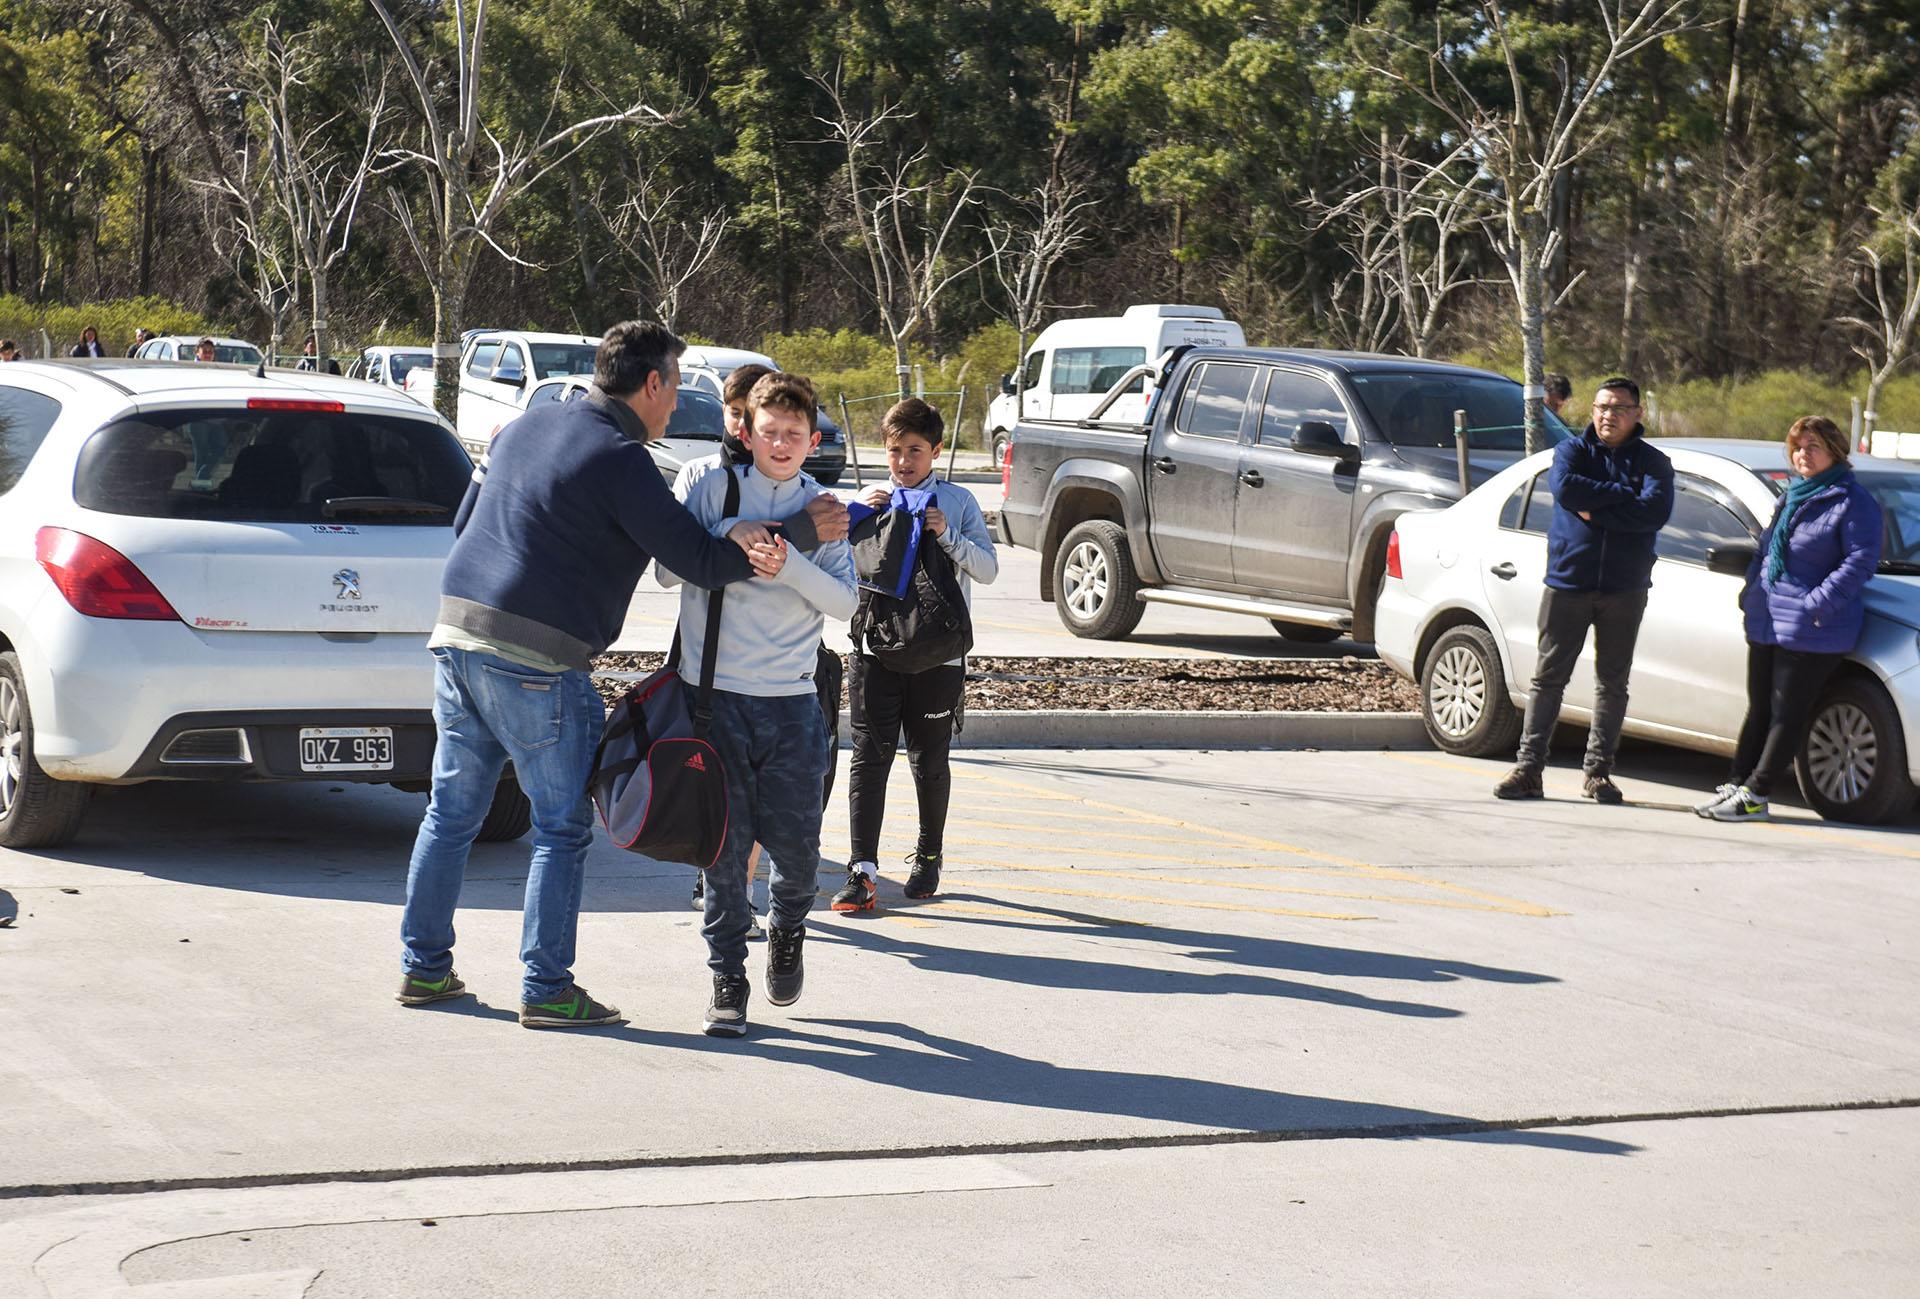 Los padres que llevan a sus hijos a los entrenamientos y partidos disponen de un amplio estacionamiento (Guille Llamos)